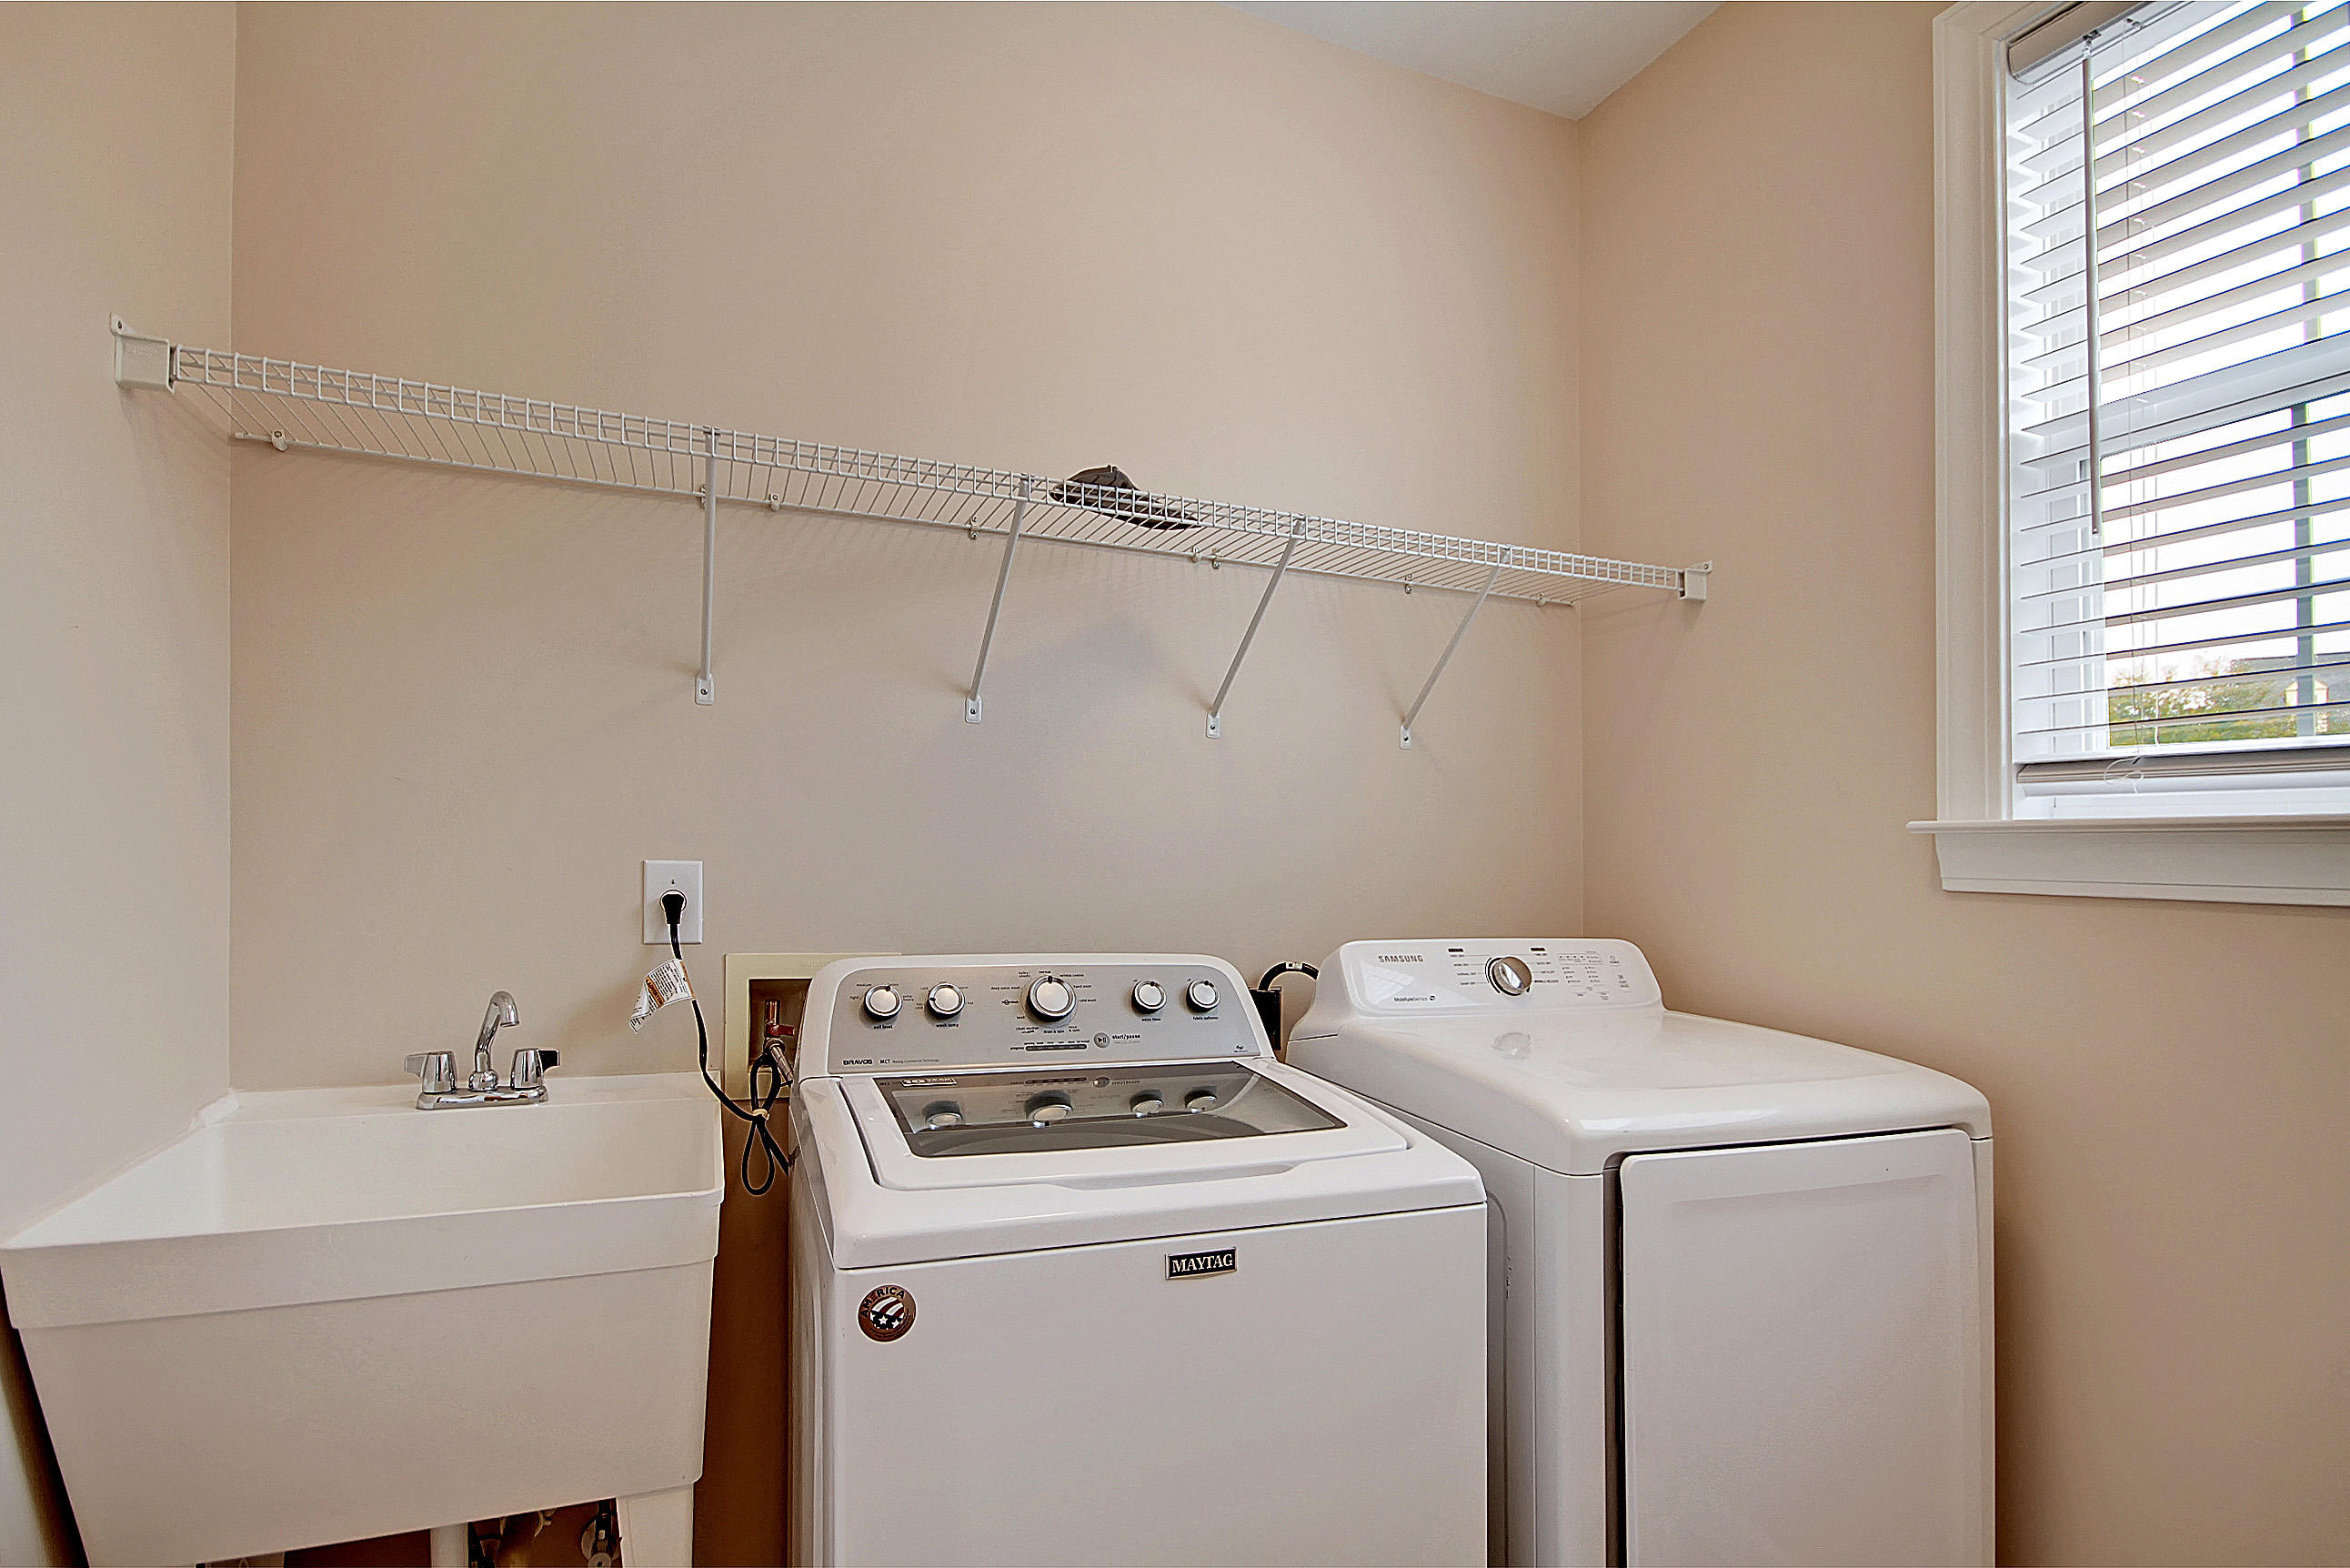 Dunes West Homes For Sale - 1501 Jacaranda, Mount Pleasant, SC - 7